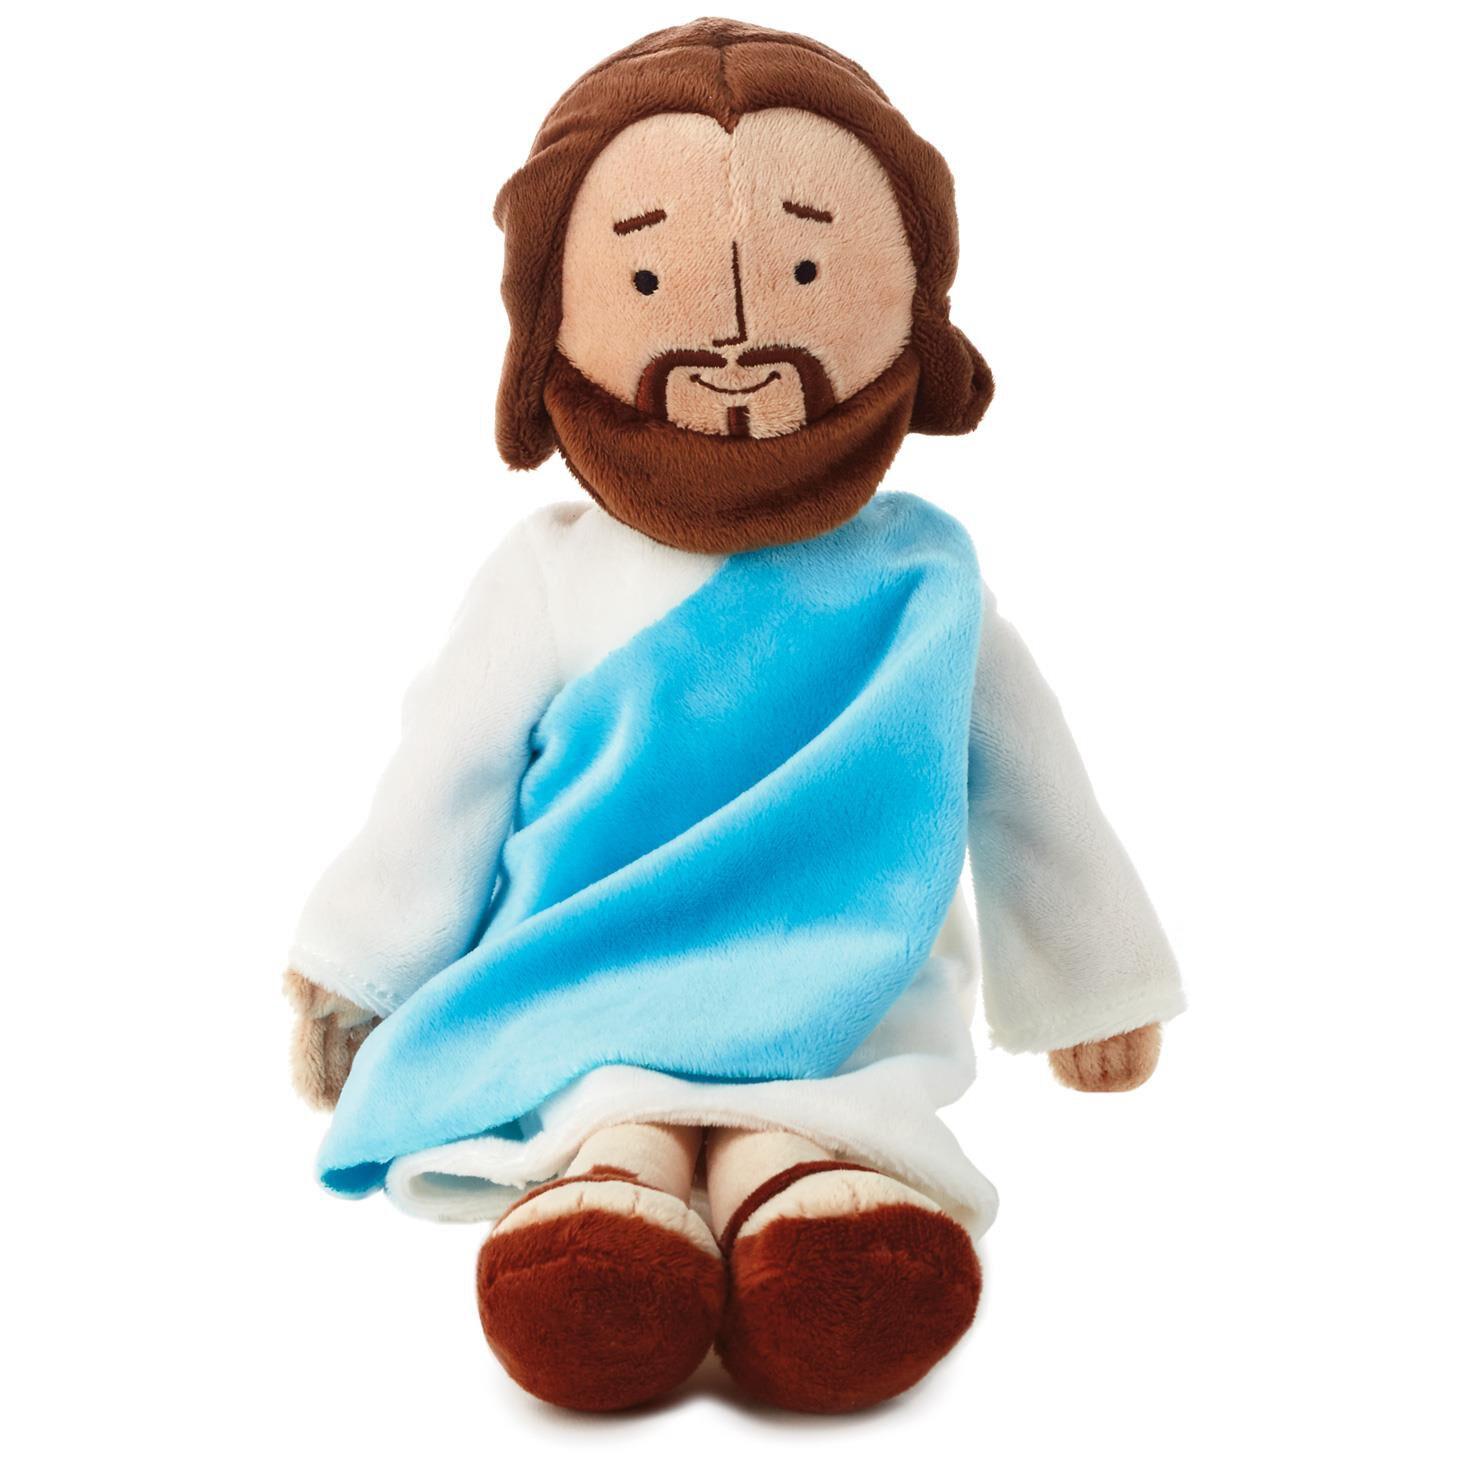 תוצאת תמונה עבור jesus doll